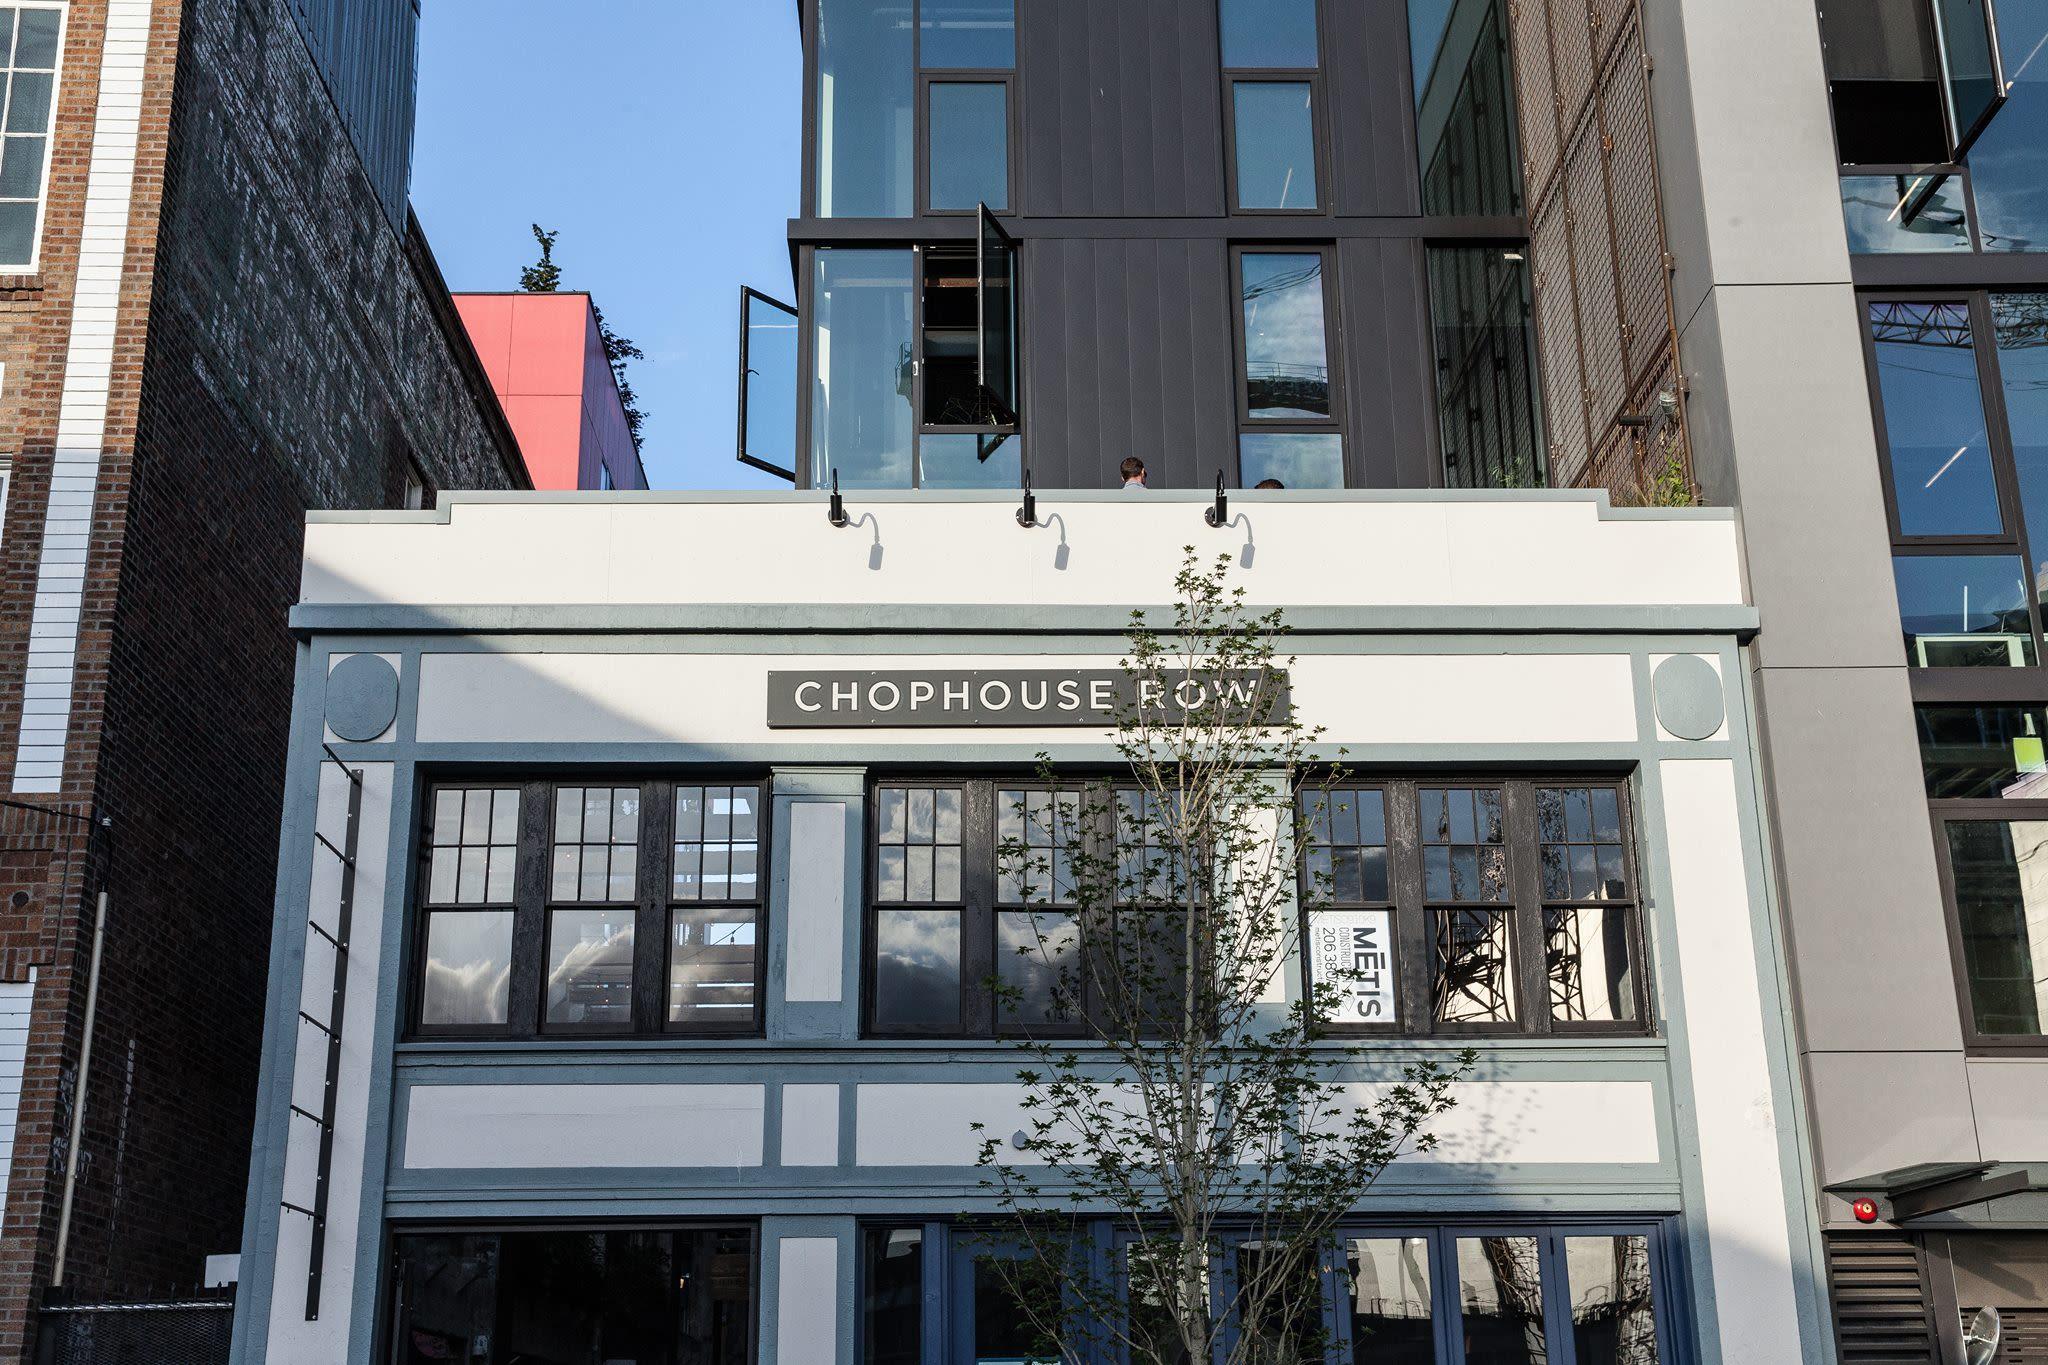 Chophouse ogaqvp